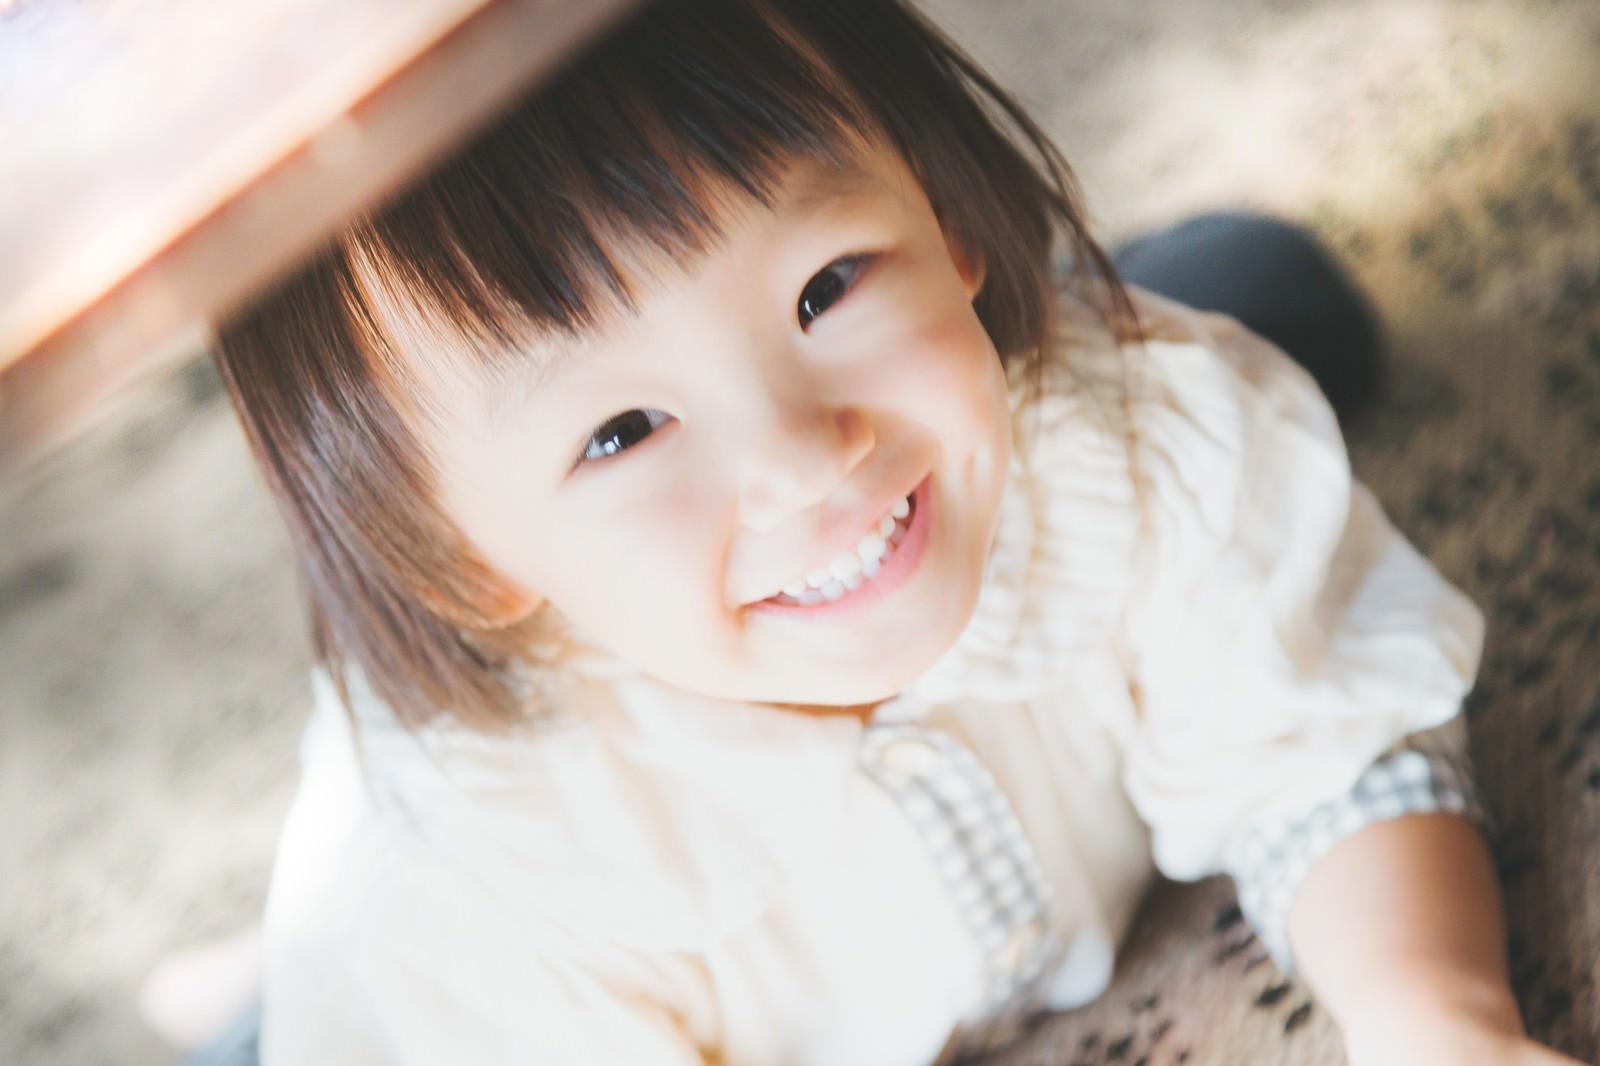 「満面の笑みの女の子」の写真[モデル:あんじゅ]